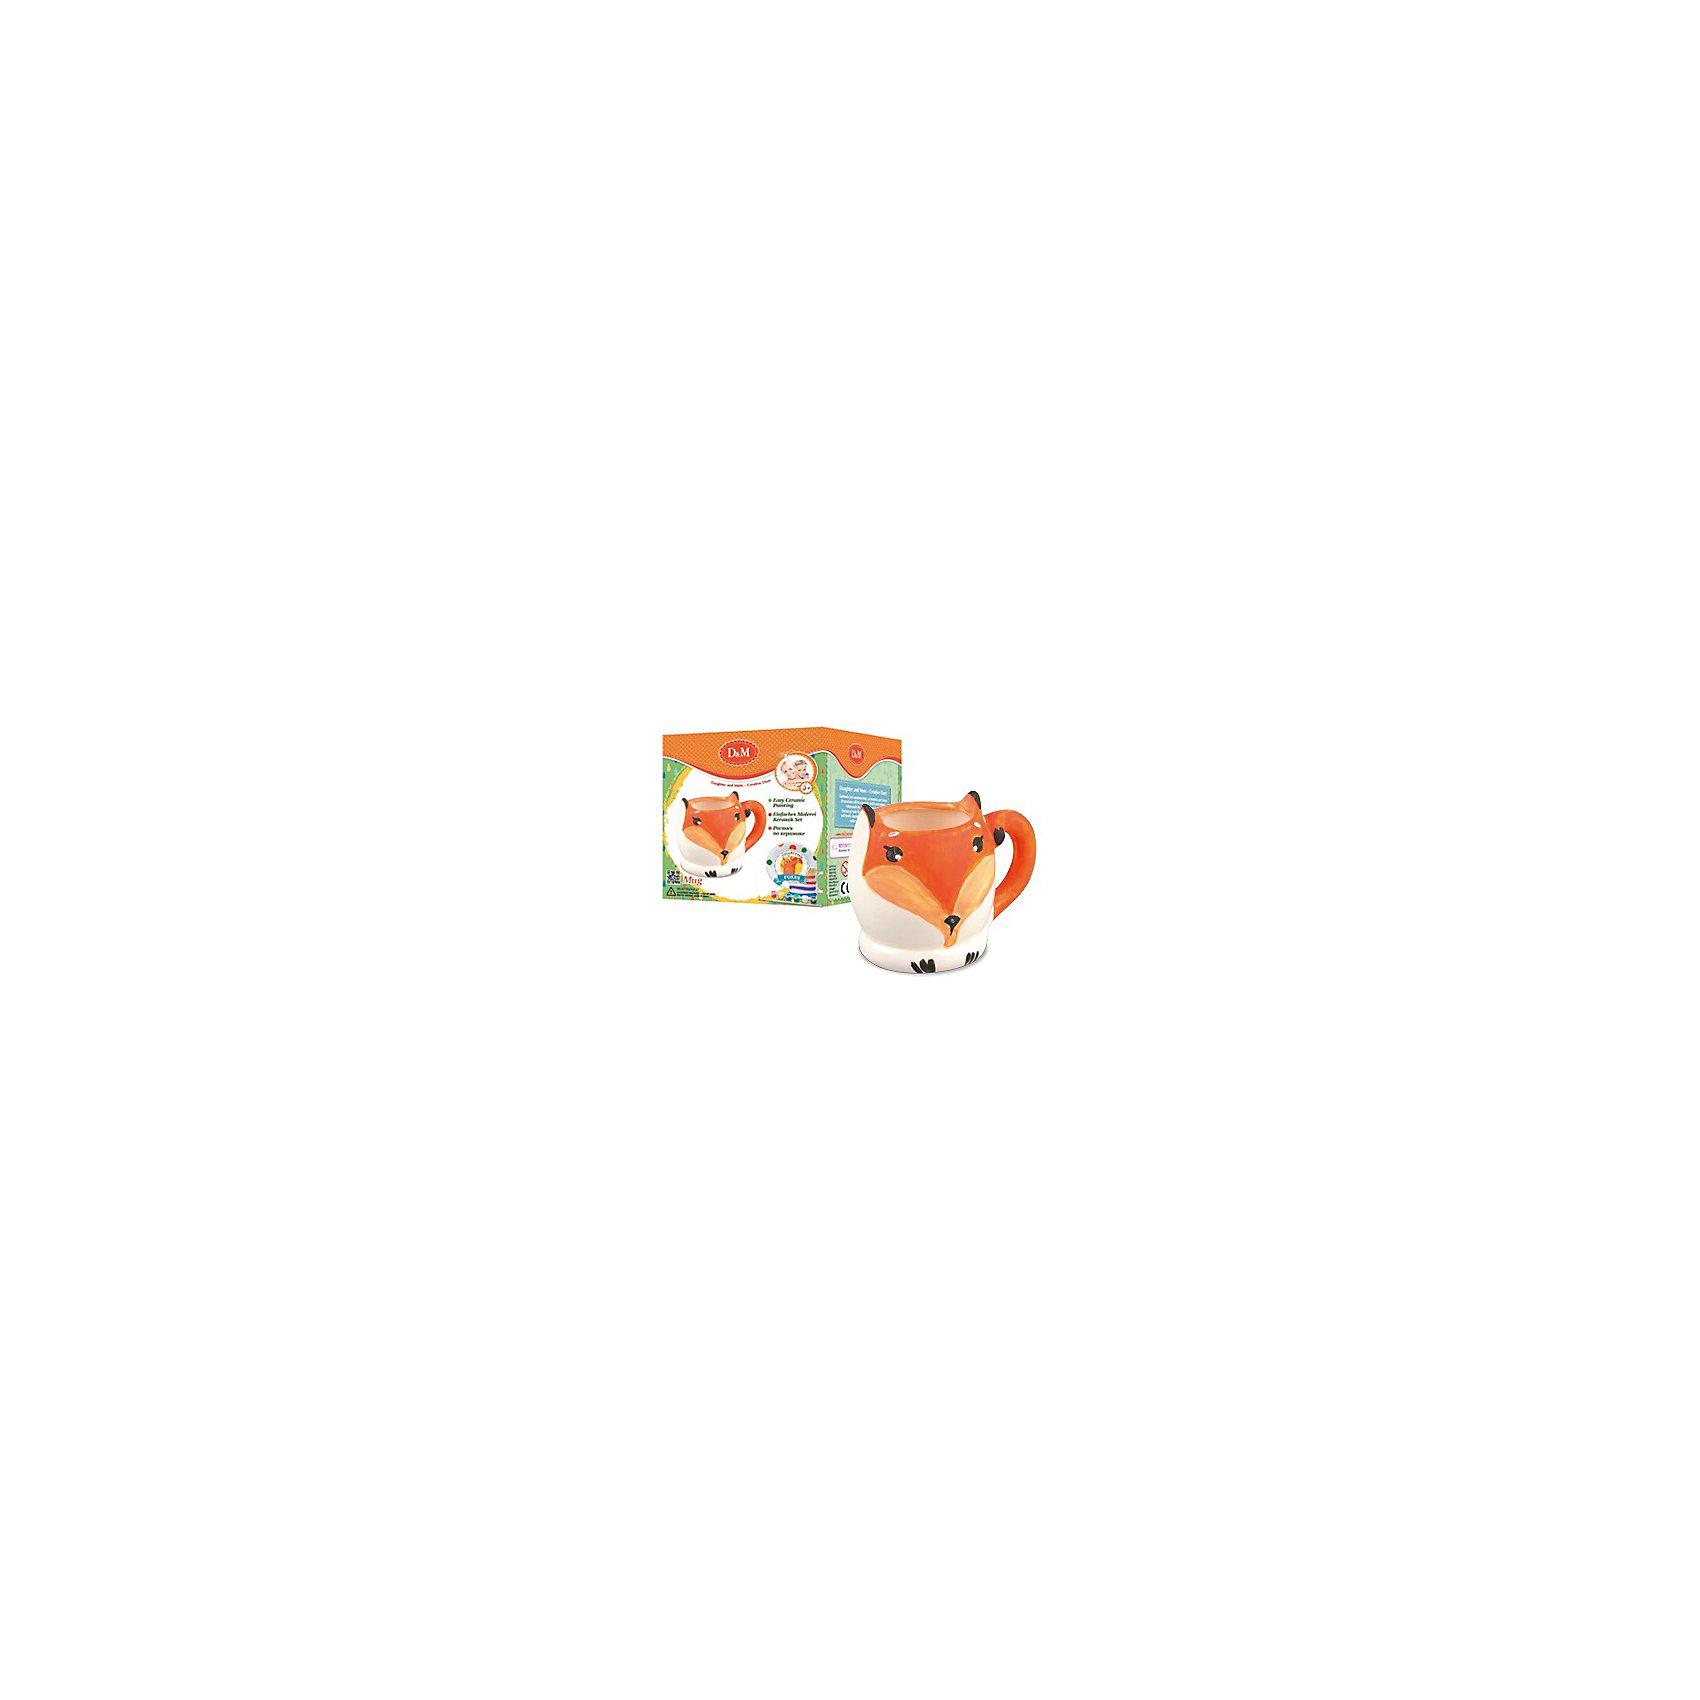 РосписьпокерамикеКружкаЛисаНаборы для раскрашивания<br>Роспись по керамике Кружка Лиса – это увлекательный вариант досуга для юных рукодельниц.<br>Декоративная роспись - творческий и увлекательный процесс. Яркие краски, кисть и керамическая кружка - все что нужно, чтобы создать атмосферу художественной мастерской, где творятся чудеса. Набор для росписи по керамике Кружка Лиса поможет создать красивое произведения искусства, которое можно использовать и в быту. Кружка в виде мордашки миловидной лисы с торчащими ушками и хвостиком, играющим роль ручки, будет напоминать ребенку, как  он наполнял бесцветное керамическое изделие яркими насыщенными цветами. Занятия с набором способствуют развитию вкуса, воображения и творческих способностей ребенка.<br><br>Дополнительная информация:<br><br>- В наборе: керамическая кружка с ручкой, 6 красок, кисточка<br>- Размер упаковки: 11,2х9,2х10 см.<br>- Вес: 208 гр.<br><br>Набор Роспись по керамике Кружка Лиса можно купить в нашем интернет-магазине.<br><br>Ширина мм: 112<br>Глубина мм: 92<br>Высота мм: 100<br>Вес г: 208<br>Возраст от месяцев: 60<br>Возраст до месяцев: 120<br>Пол: Унисекс<br>Возраст: Детский<br>SKU: 4623199